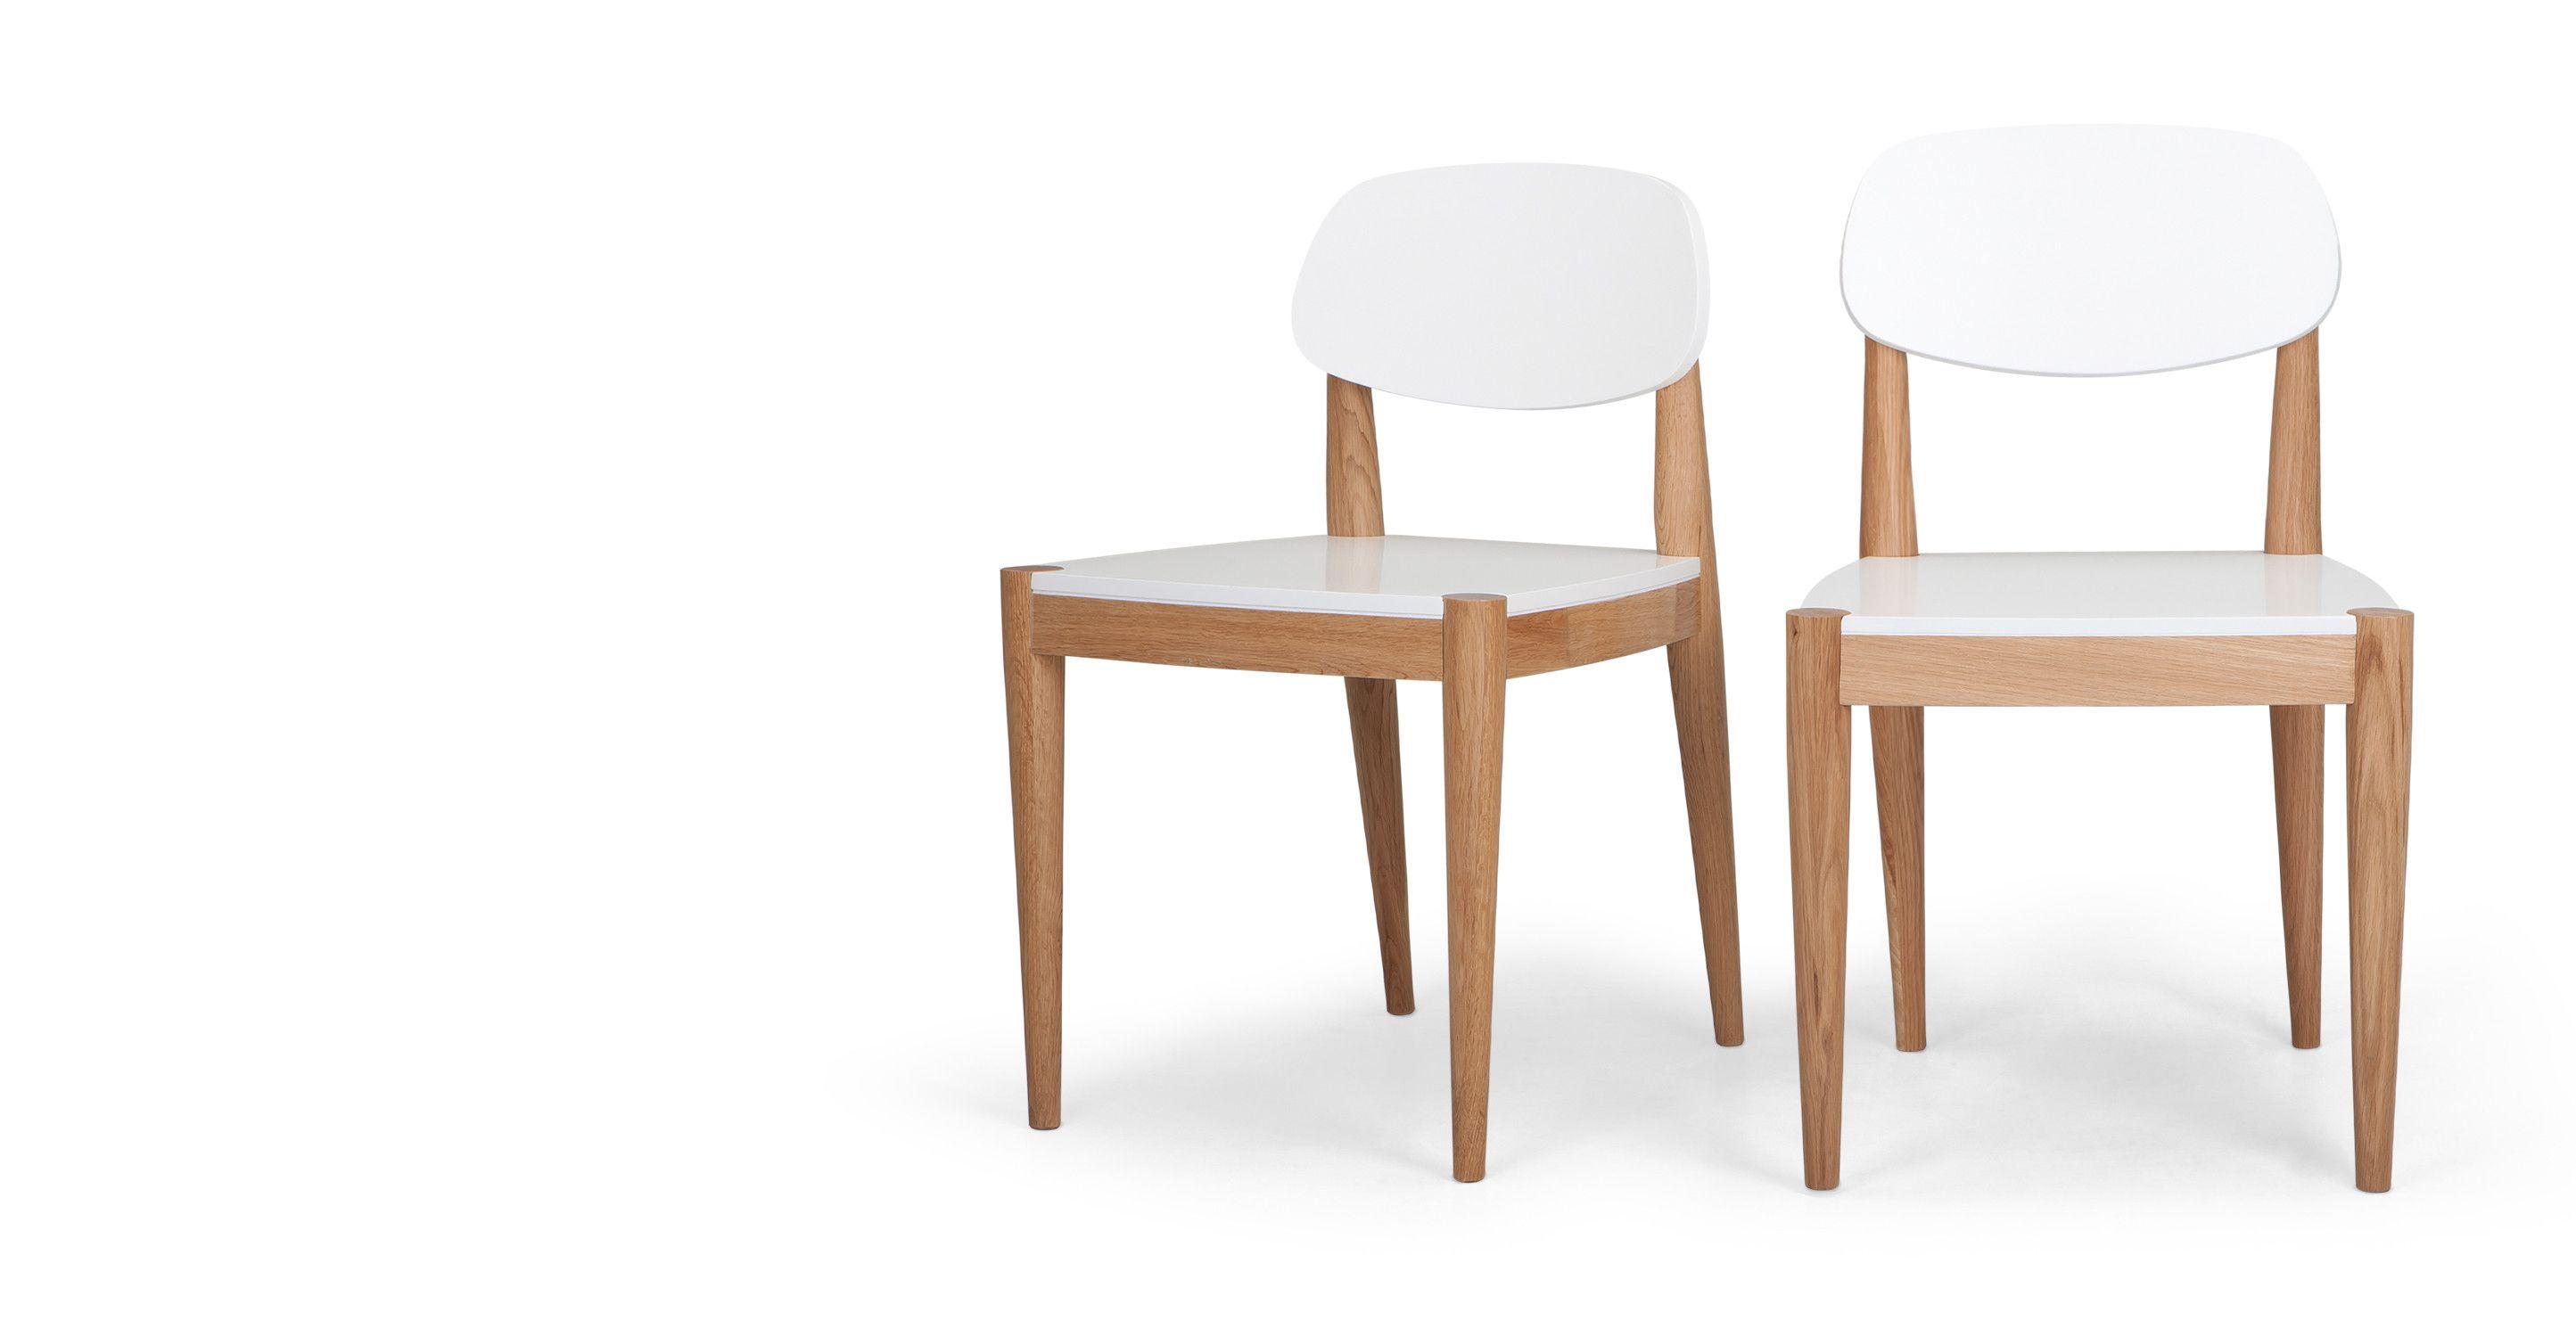 2 X Joseph Esszimmerstühle Eiche Und Weiß  Dining Chairs Unique White Leather Dining Room Chairs Sale Design Ideas